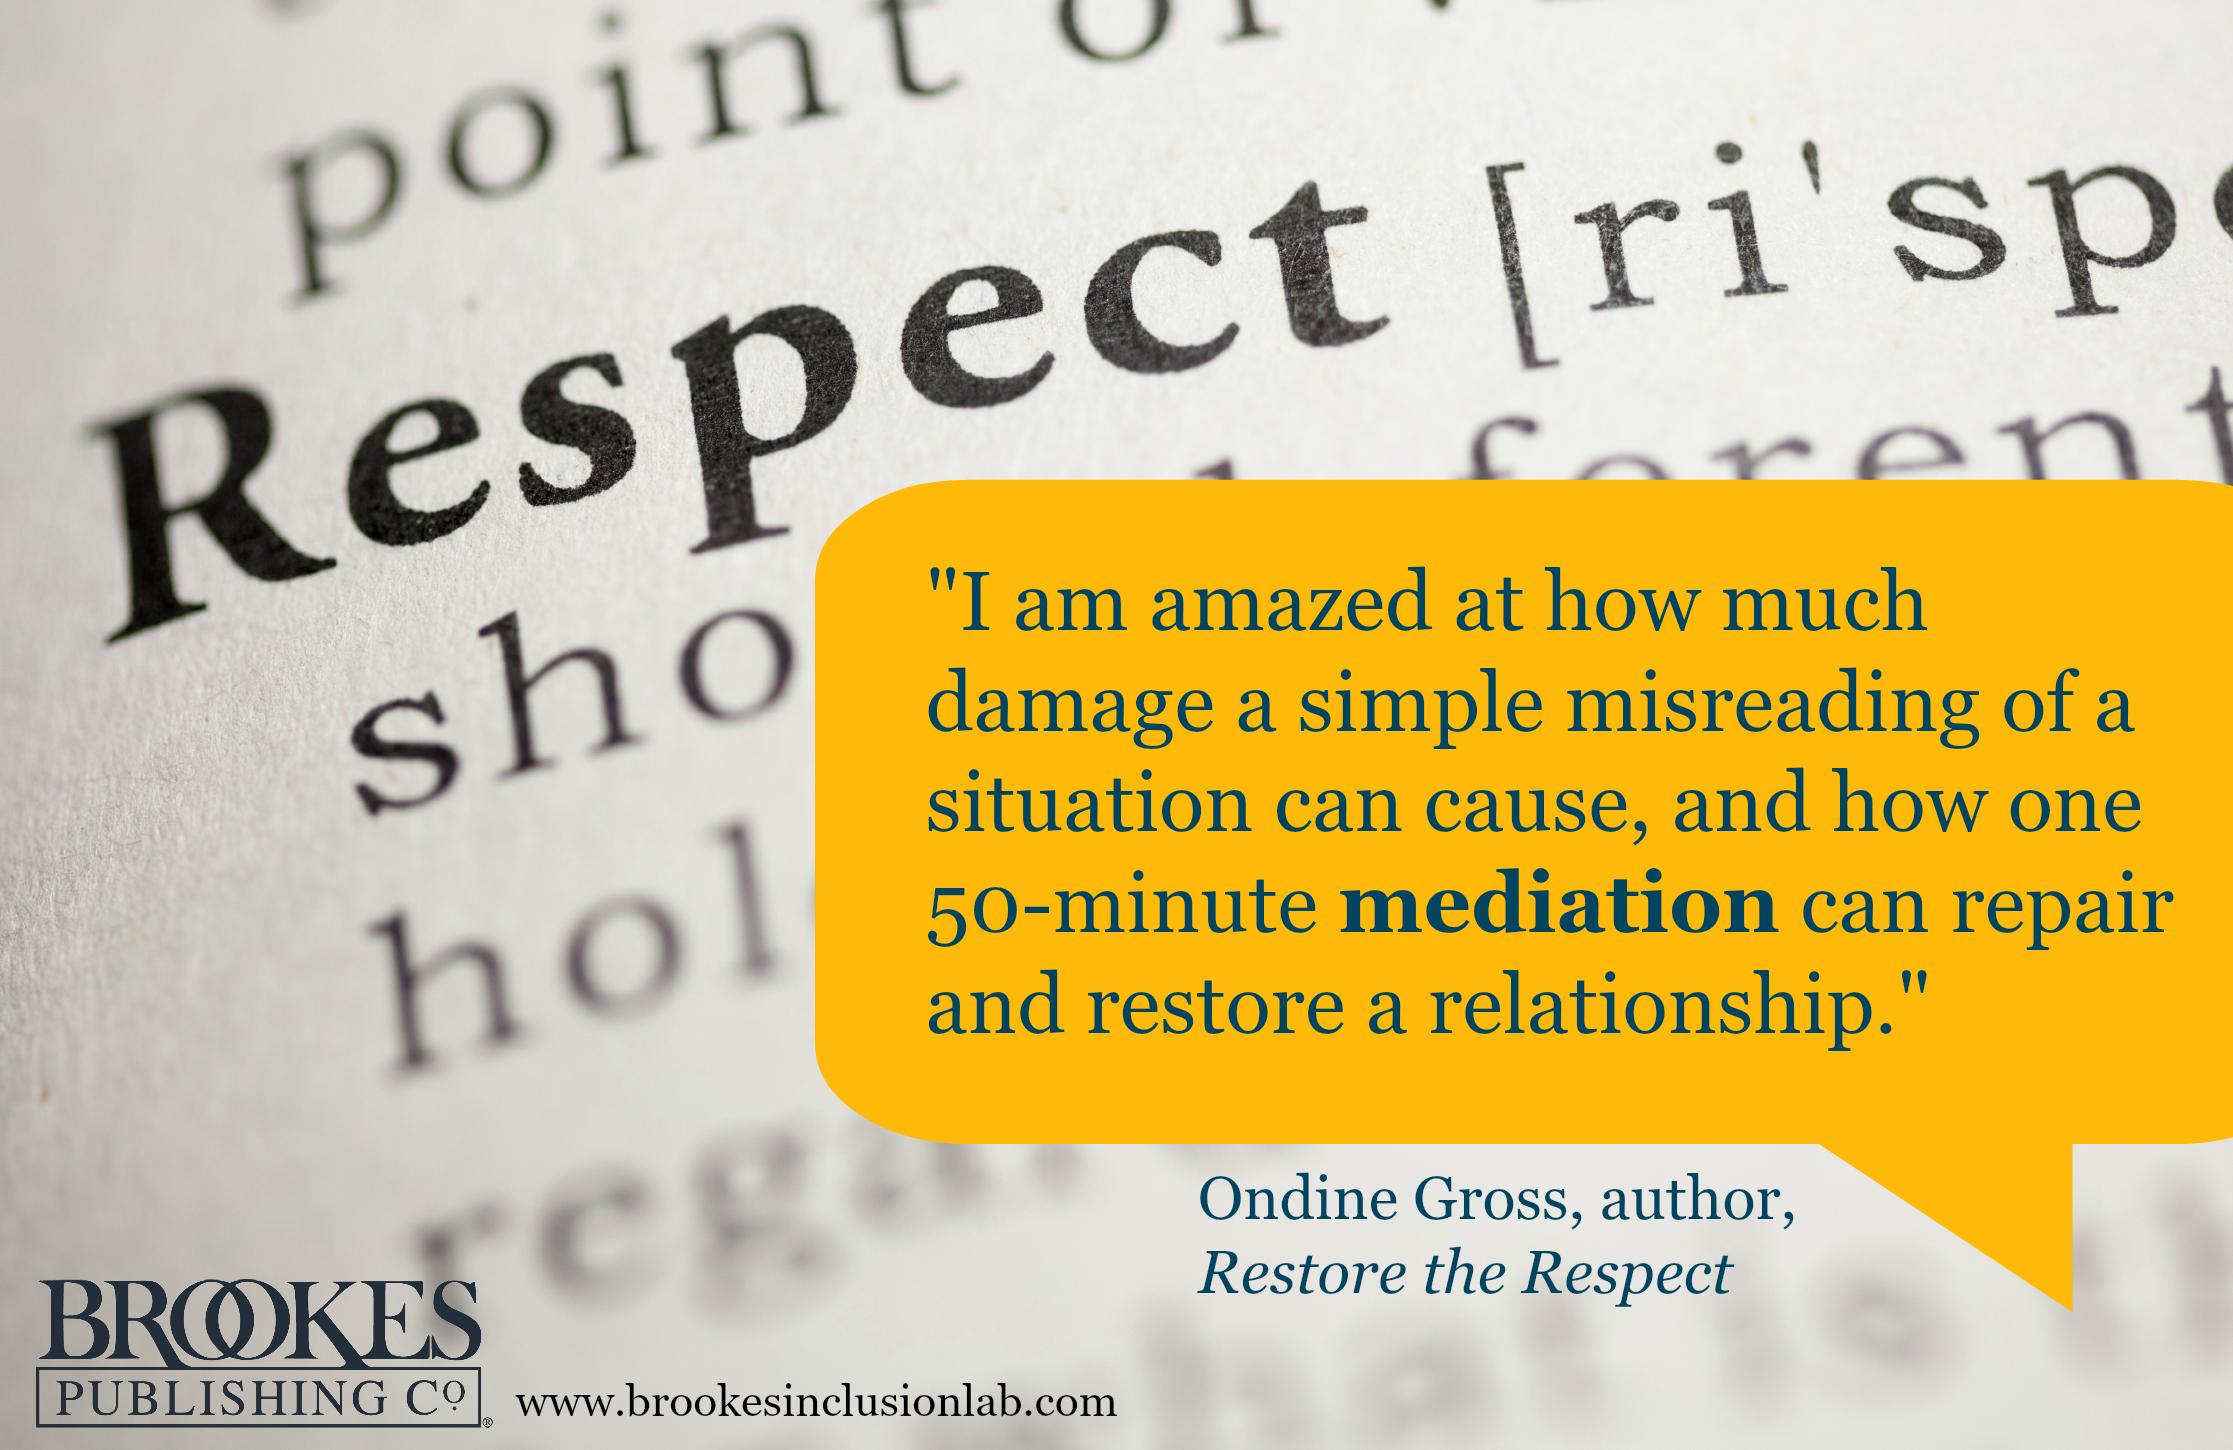 Ondine Gross Restore the Respect